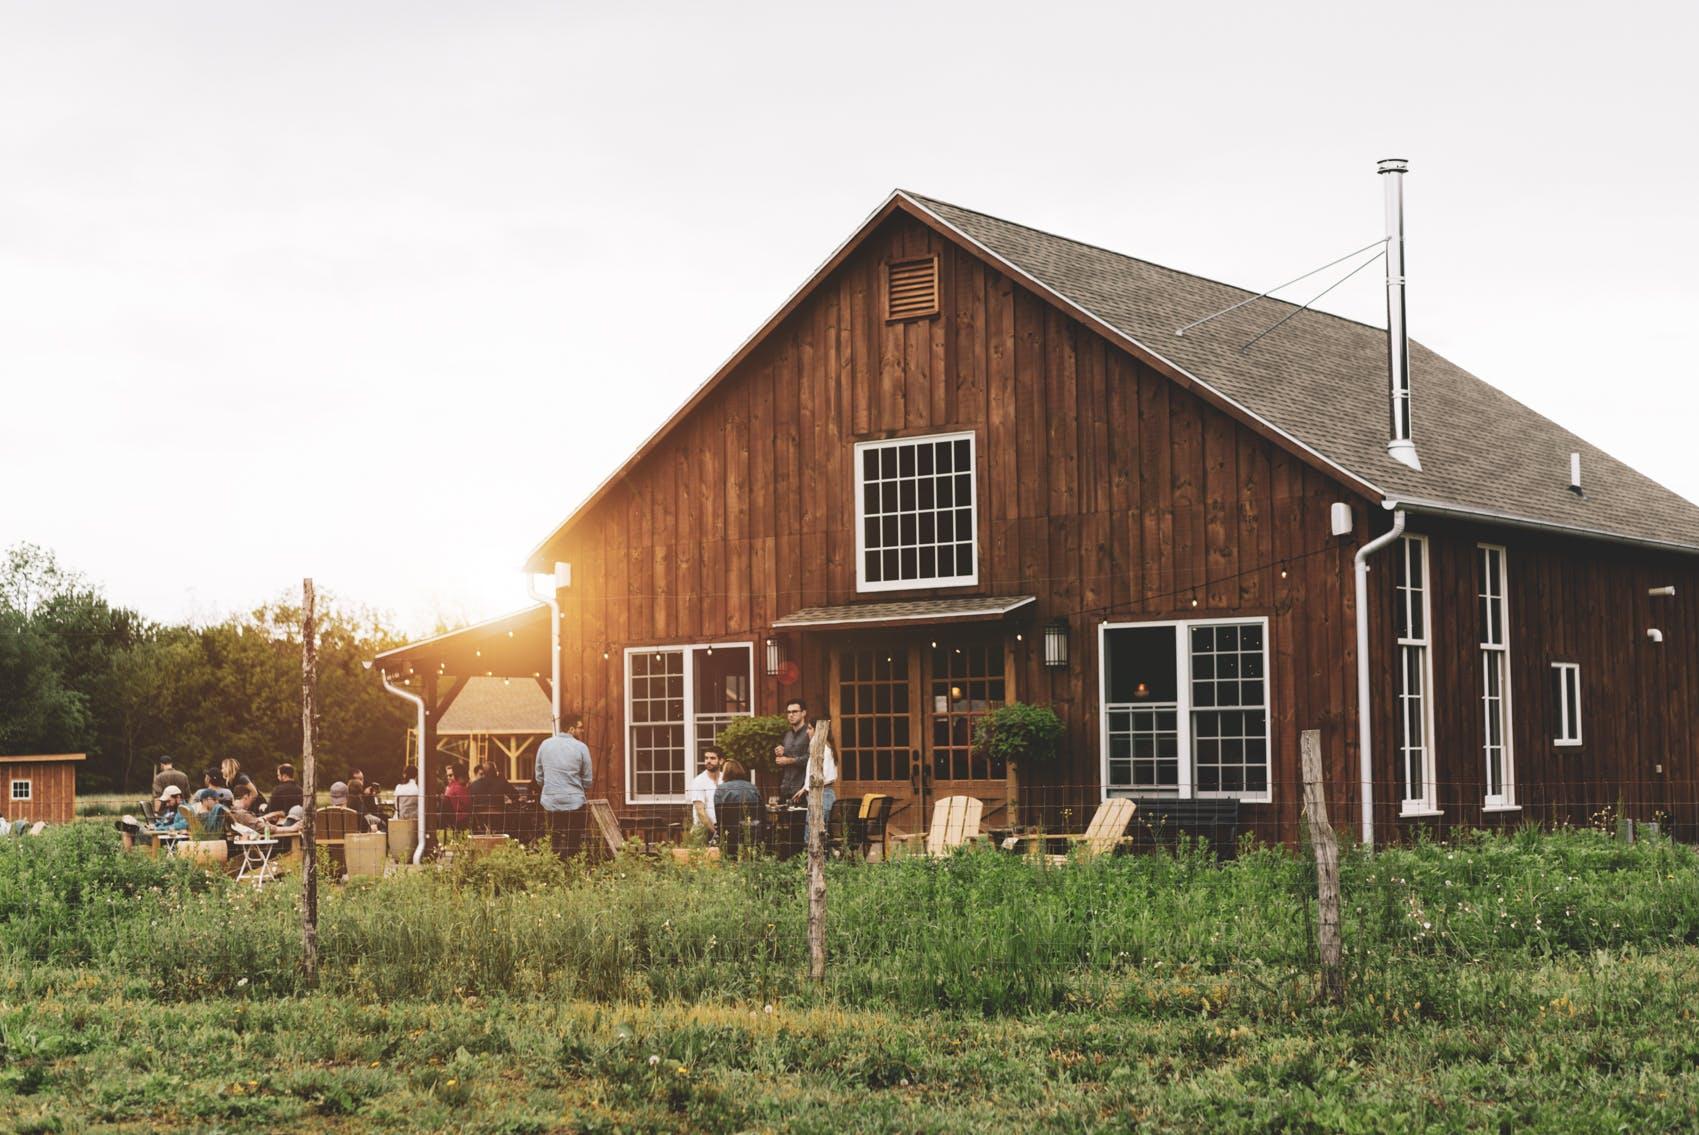 Arrowood Farm Brewery